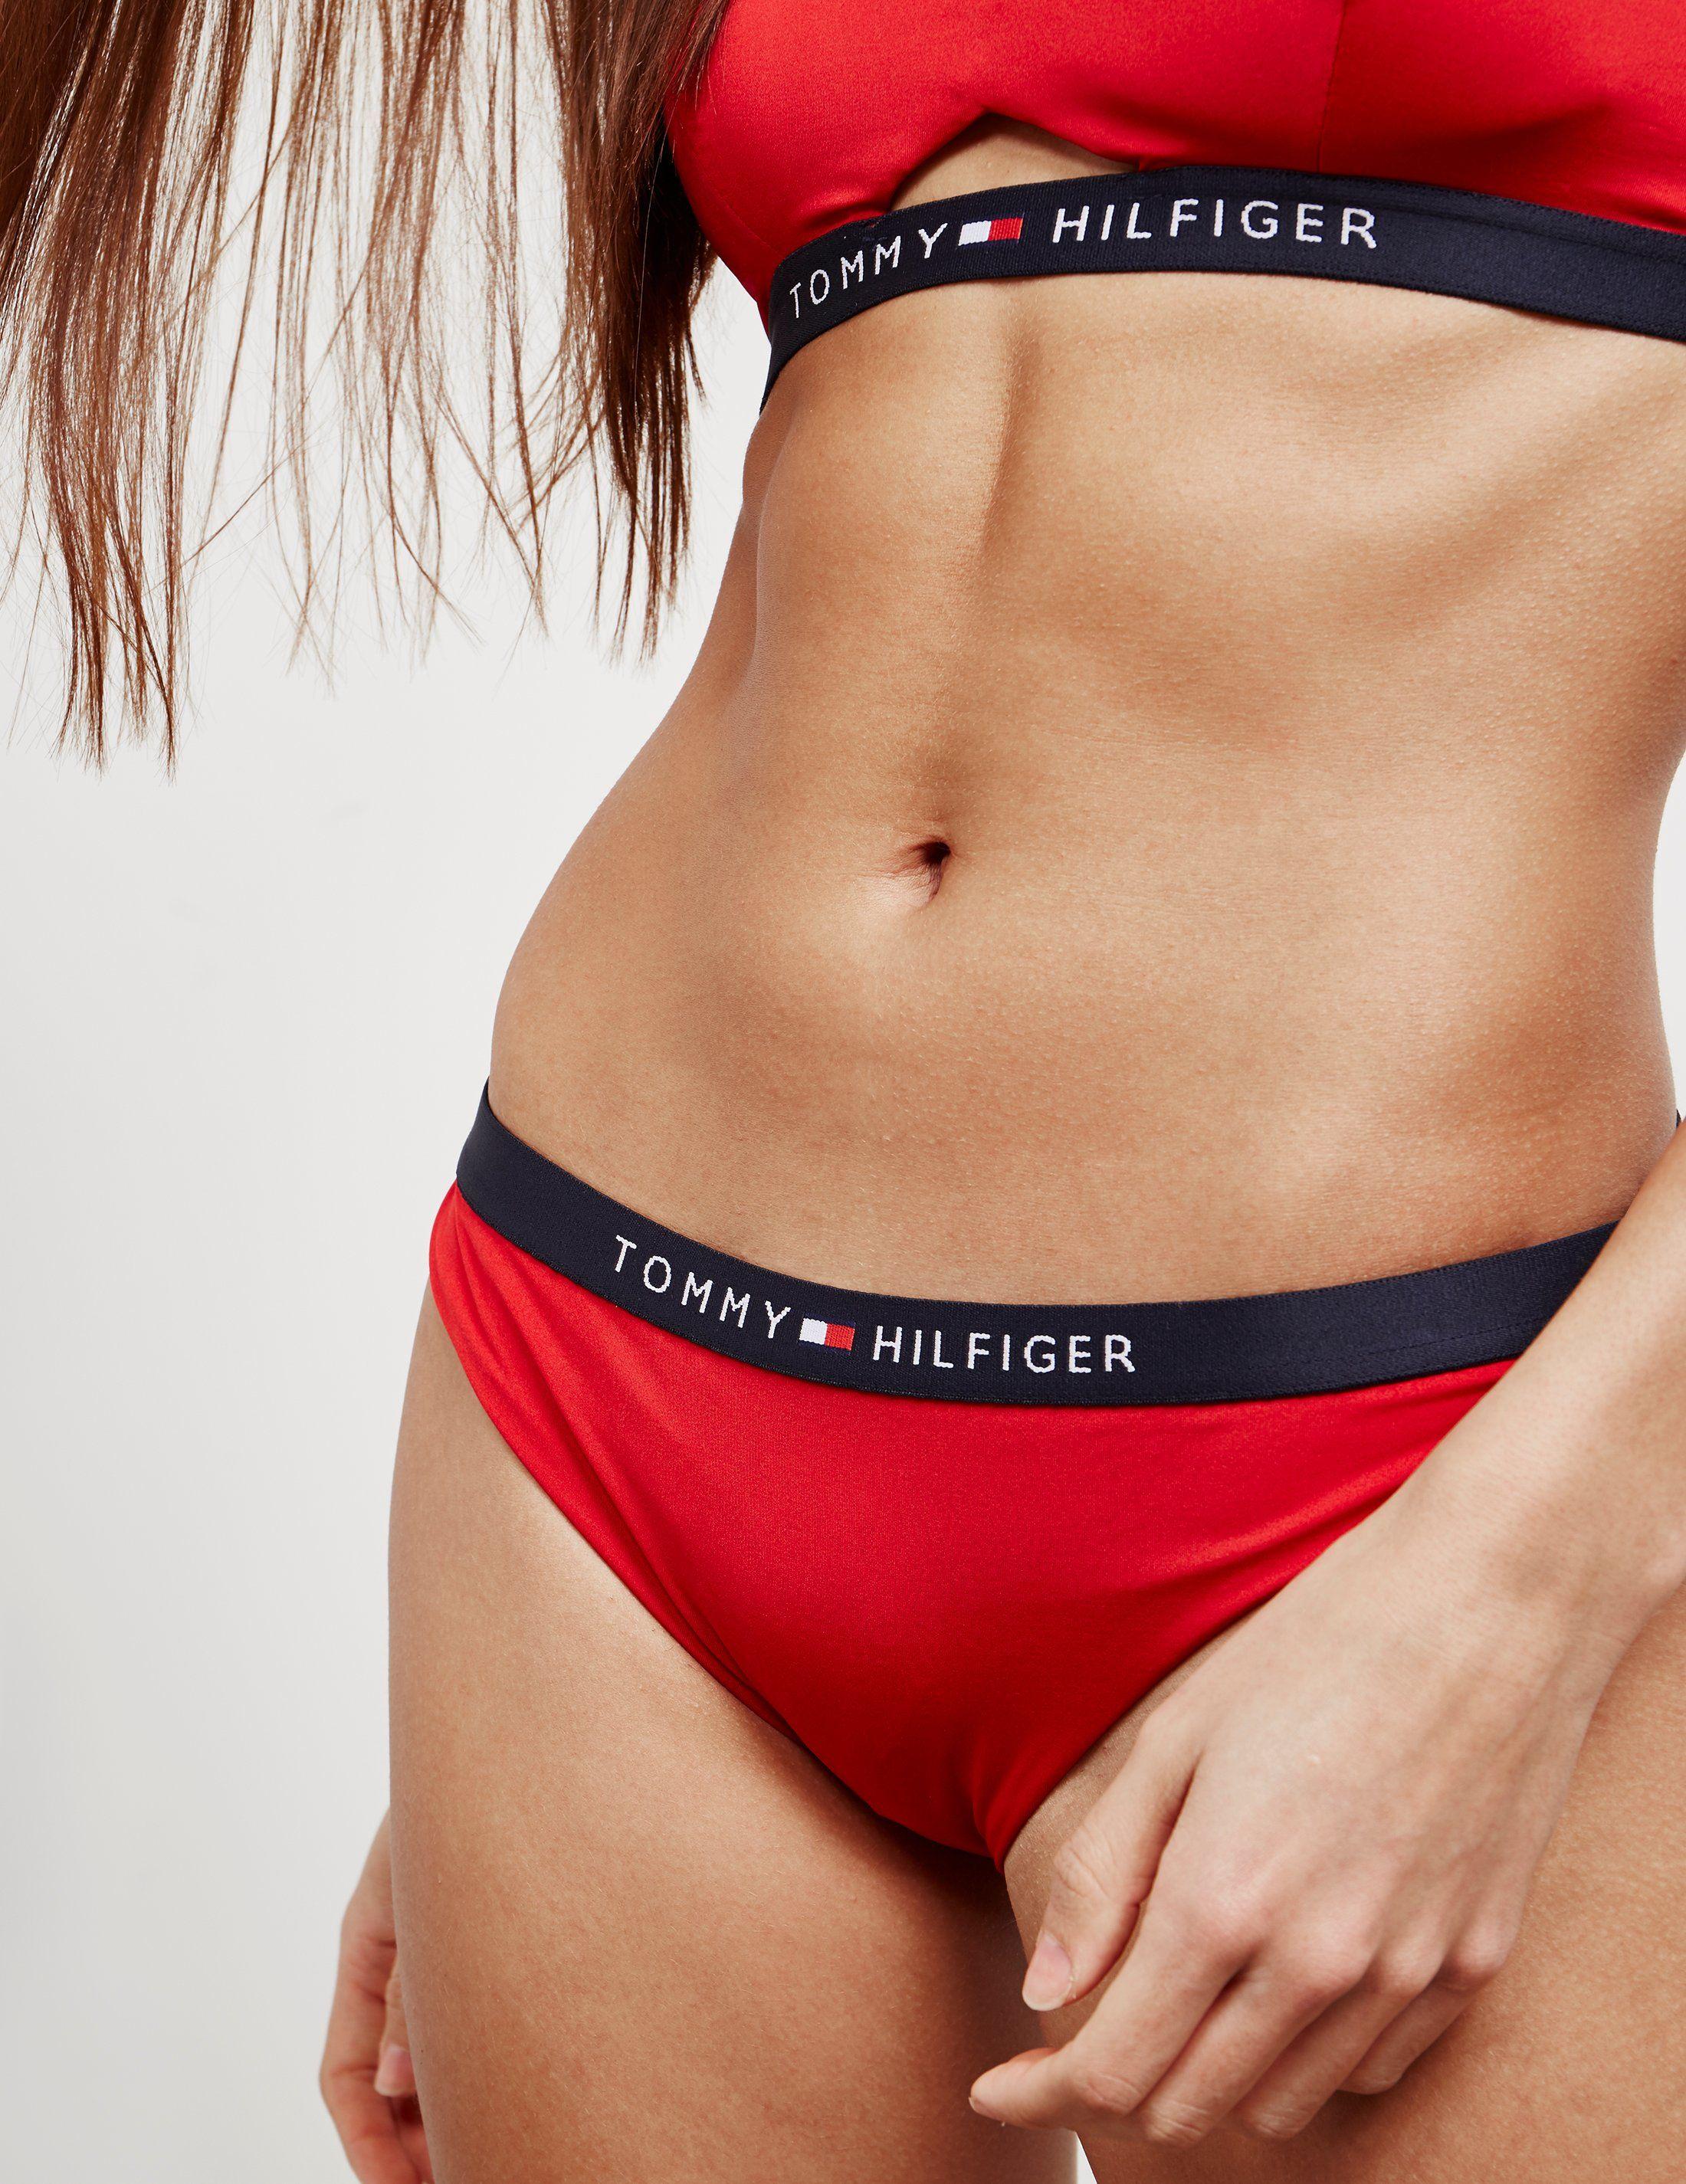 Tommy Hilfiger Swim Core Bikini Bottoms